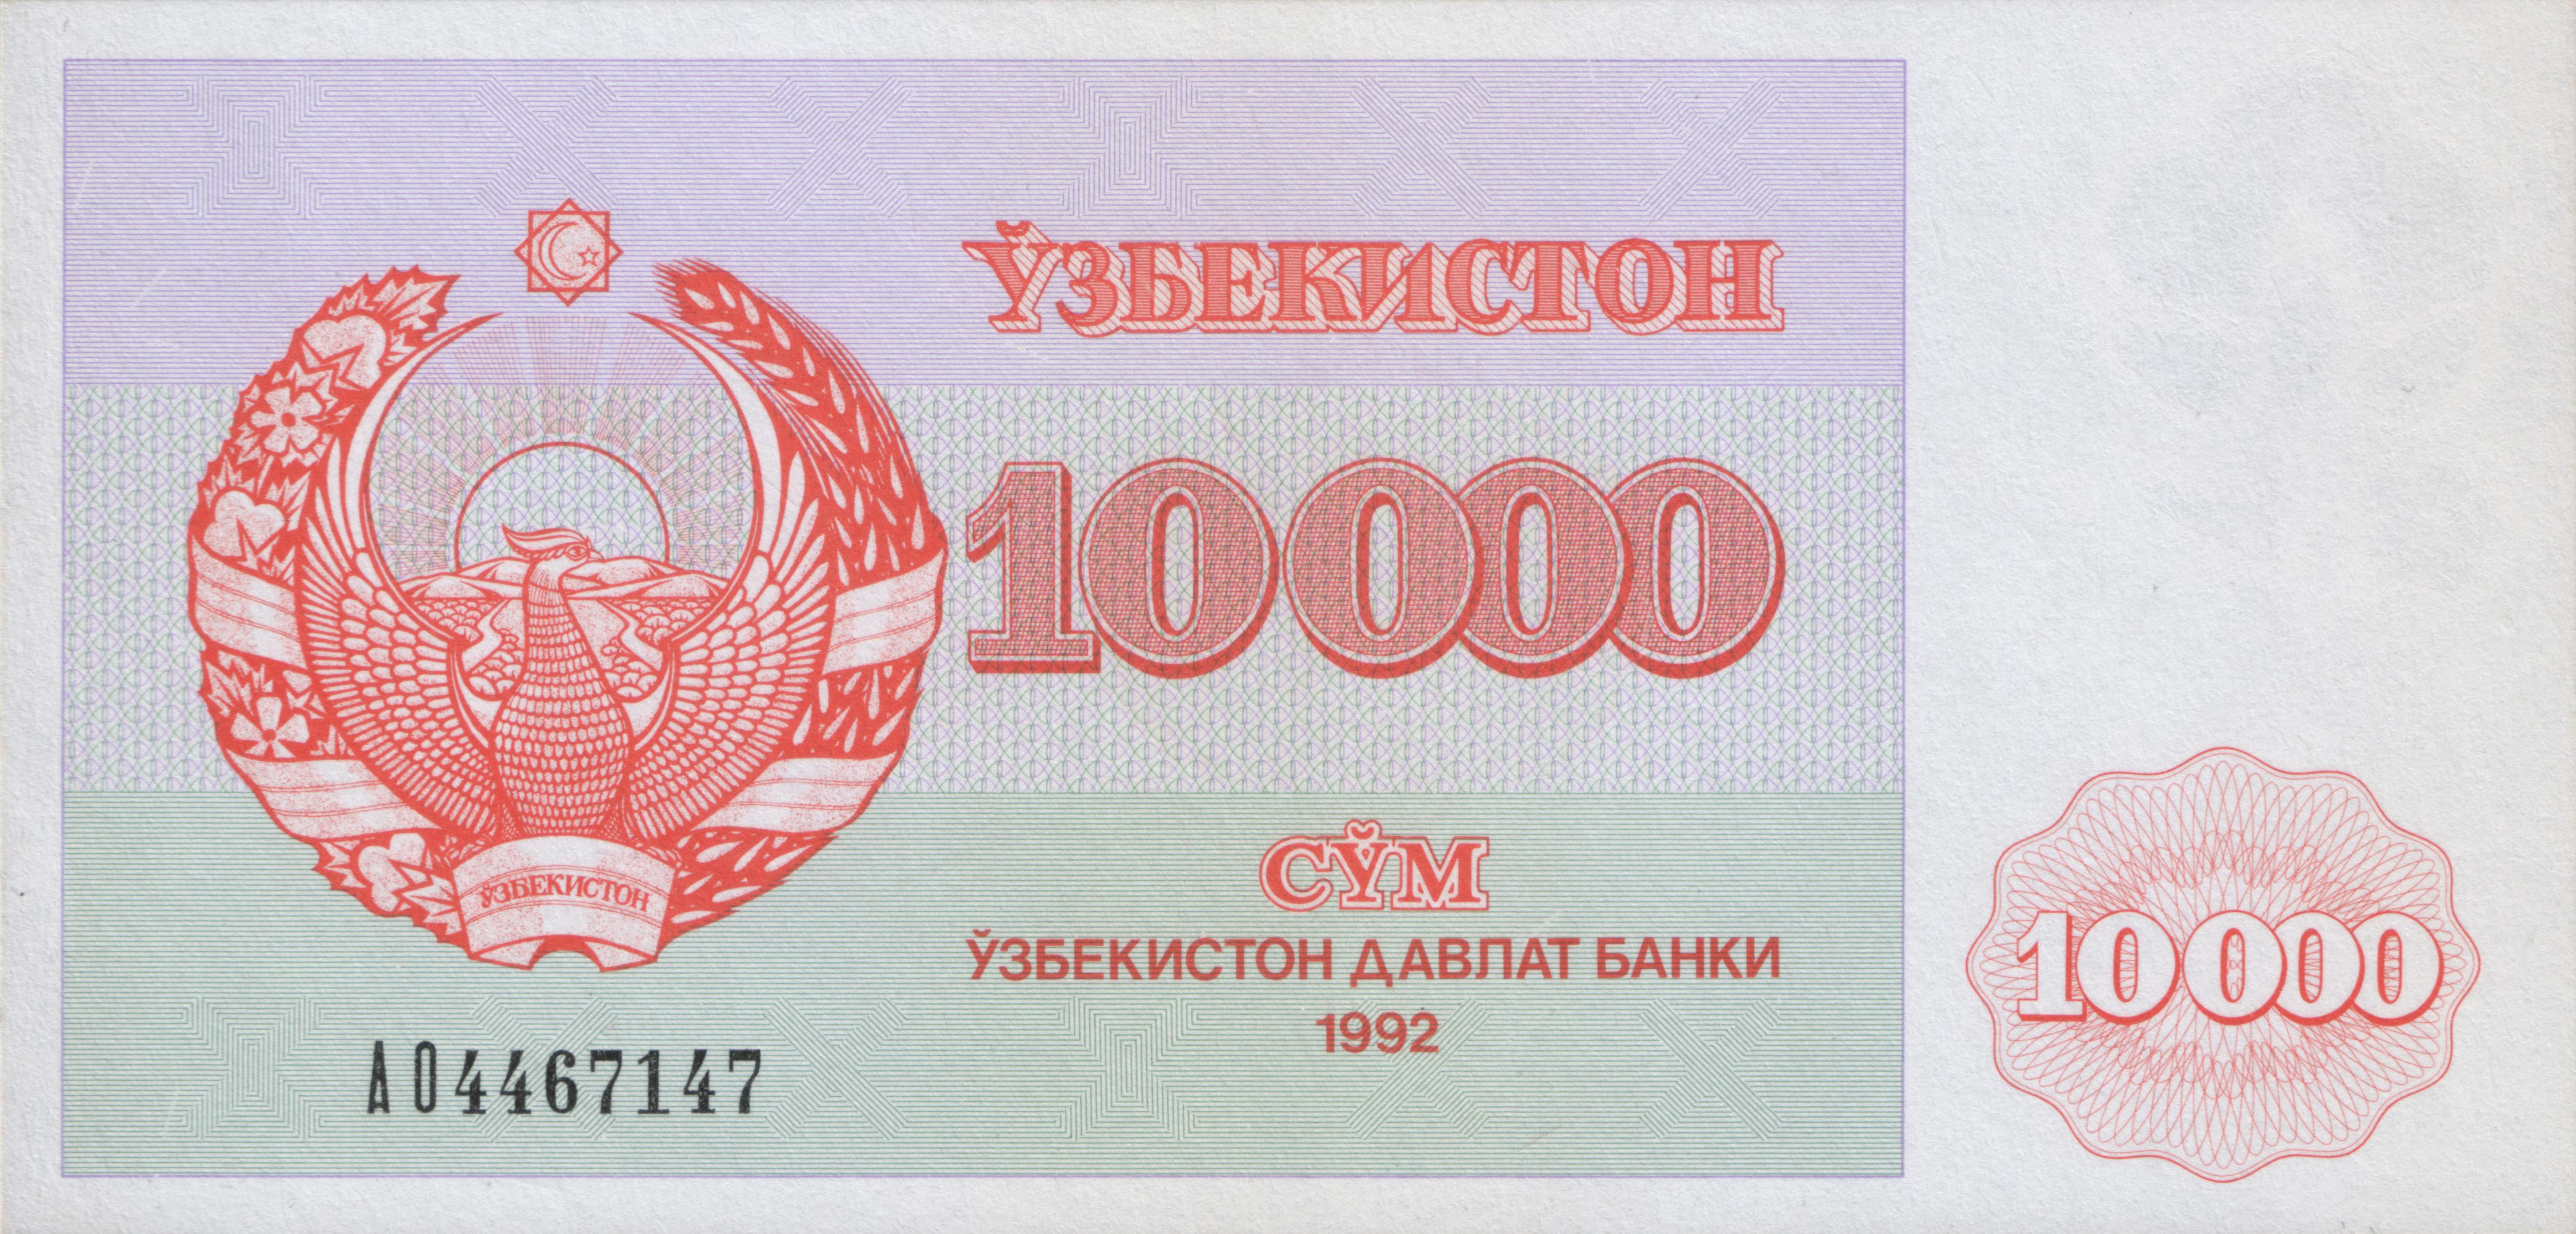 10000 сум ценные монеты 10 коп россии фото